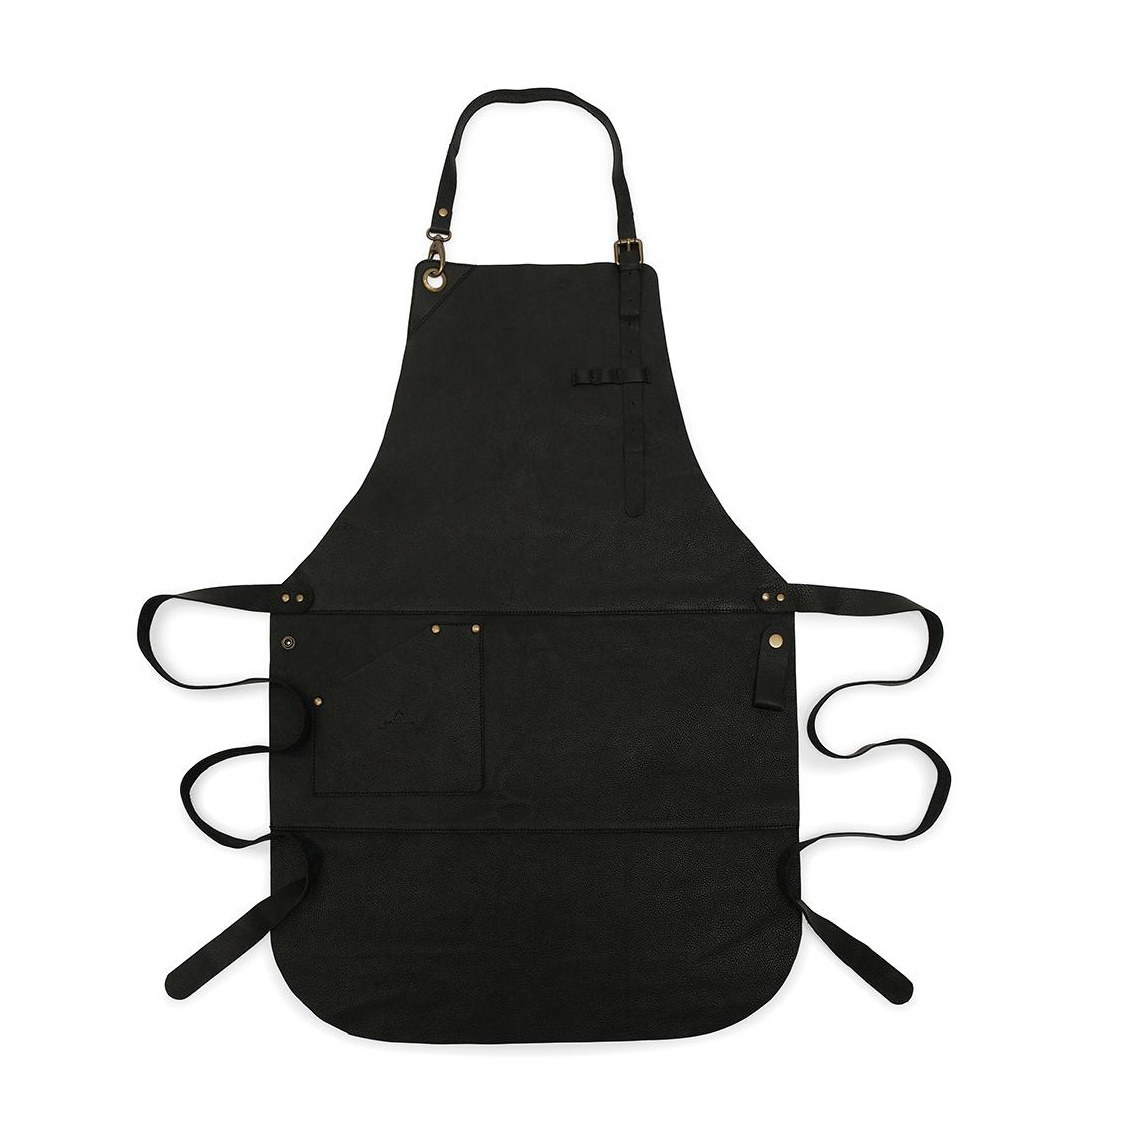 Röshults Apron Leather Küchenschürze - schwarz/1 Tasche | Garten > Balkon > Grill und Zubehör | Schwarz | Rindsleder | Röshults